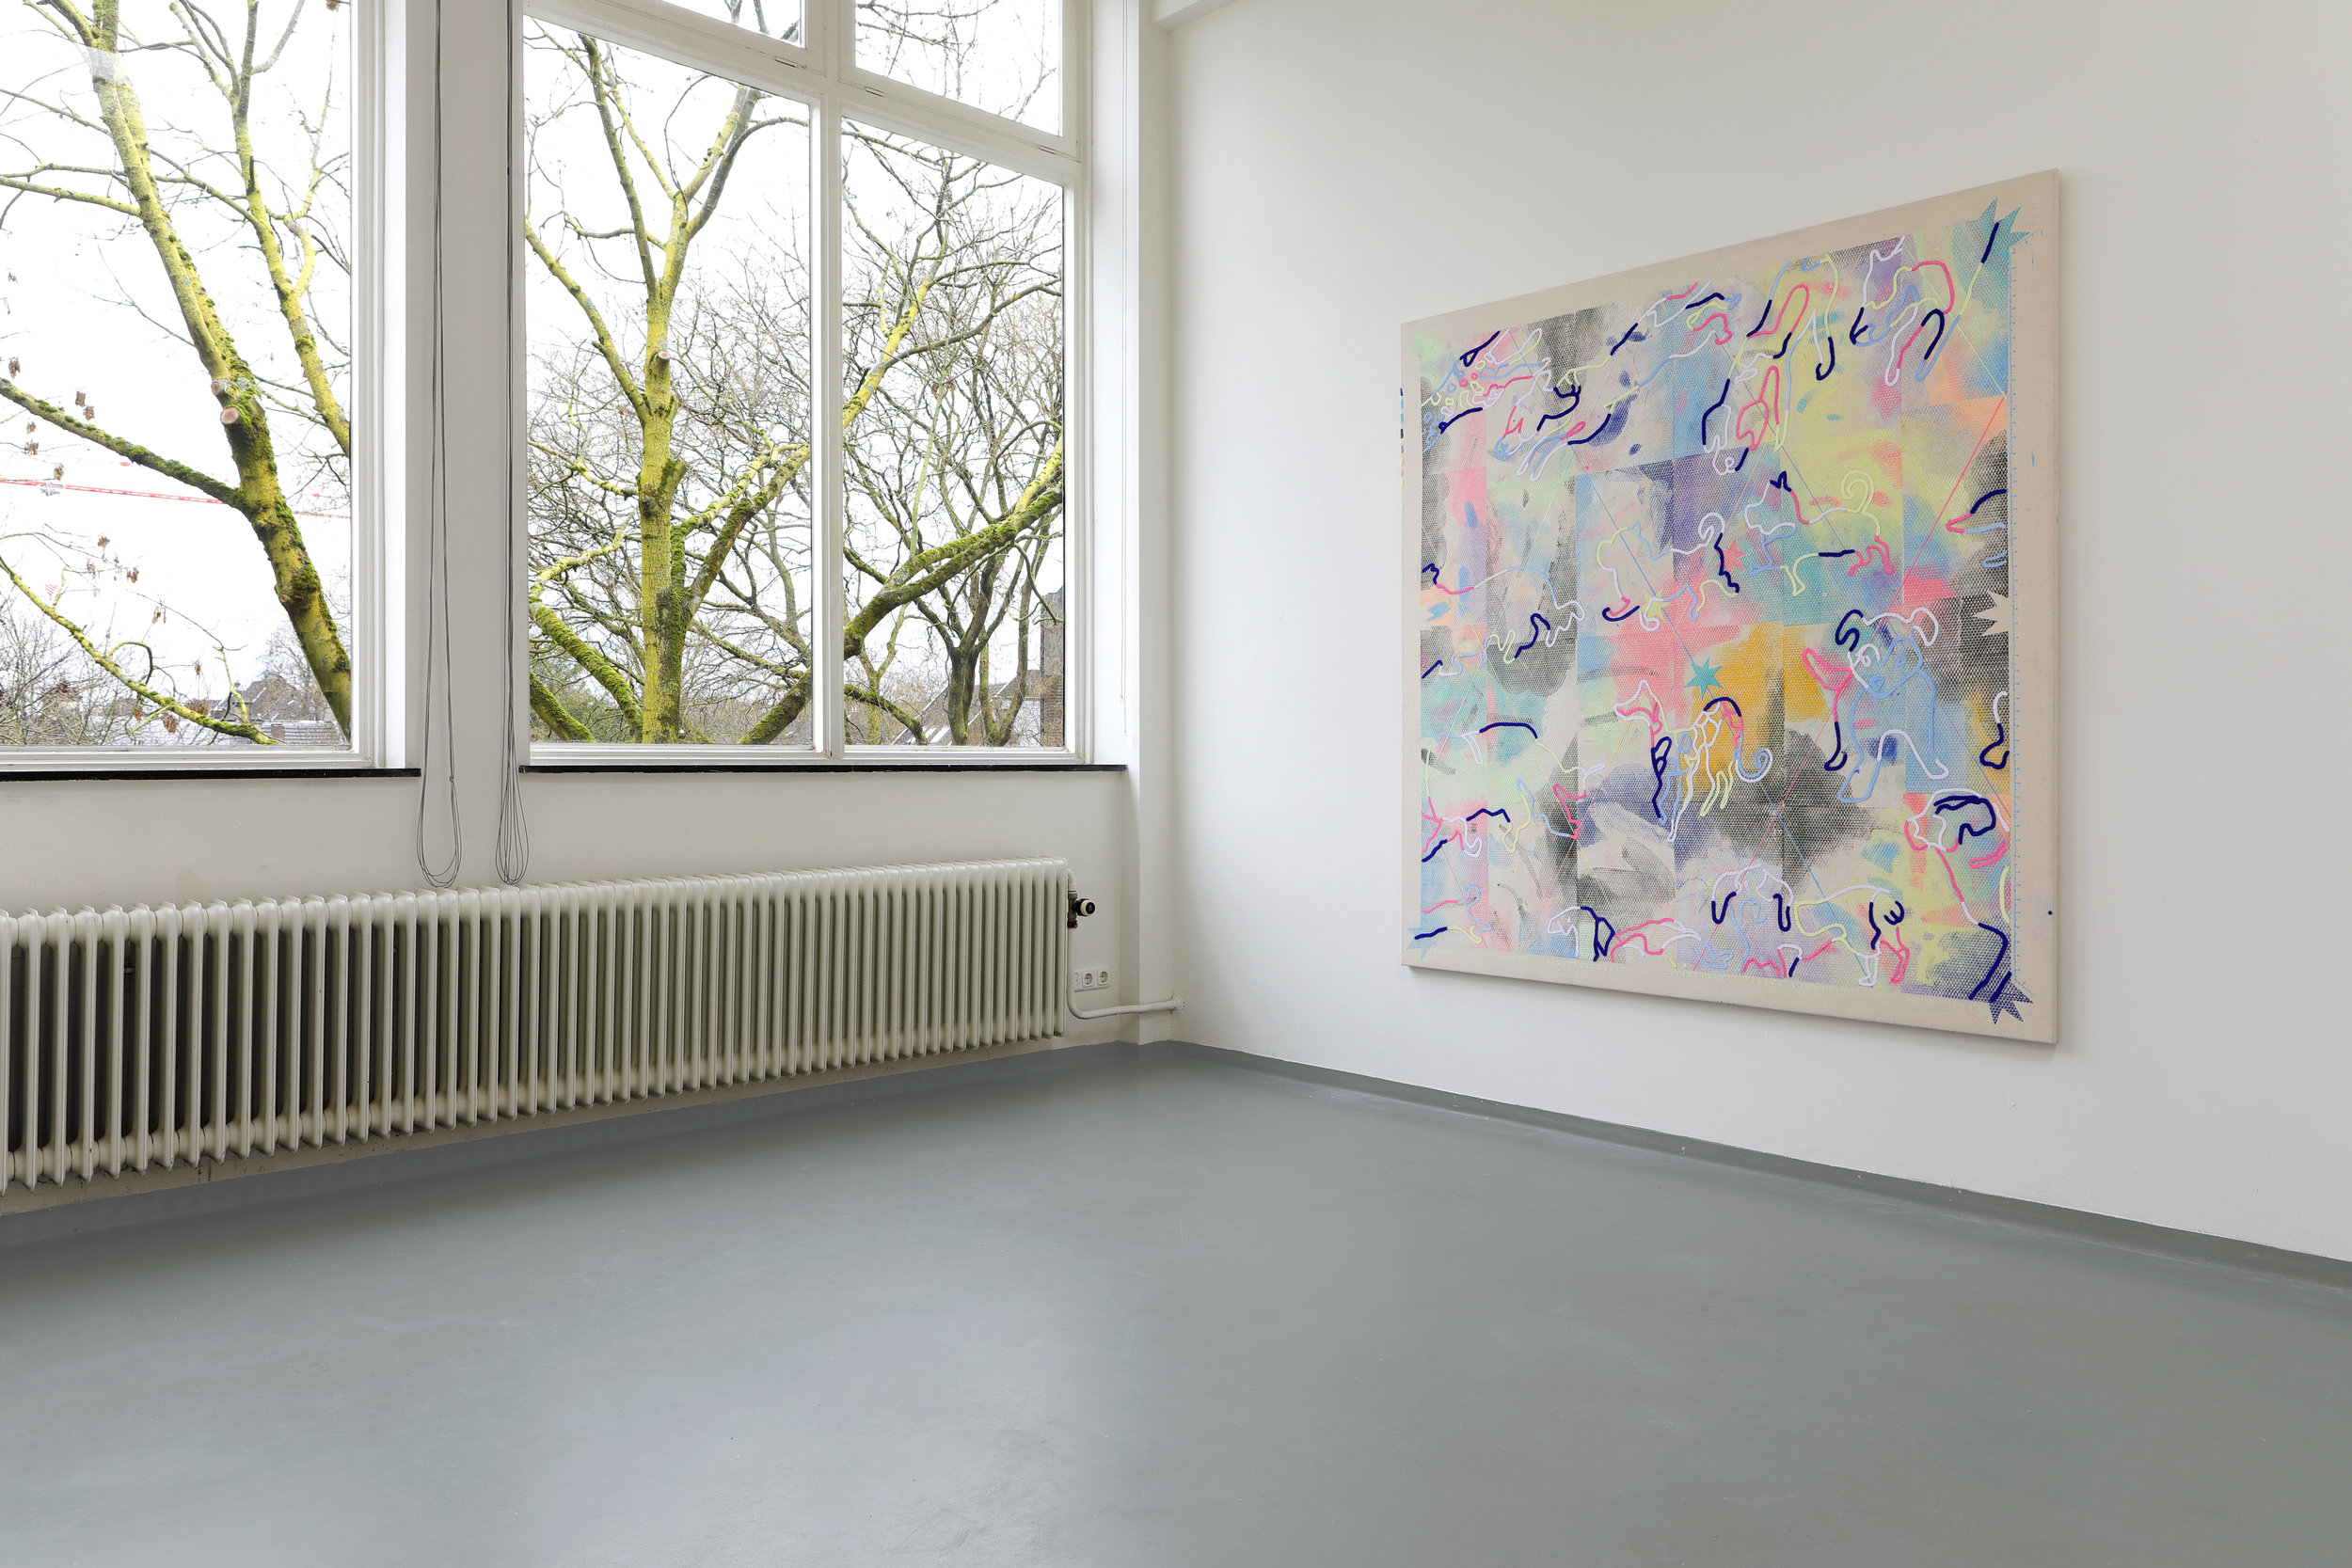 Threadingdoek: Doggies - Mixed media, 190 x 200 cm, In collection of AMC Amsterdam, Van Eyck Open Studio's 2019